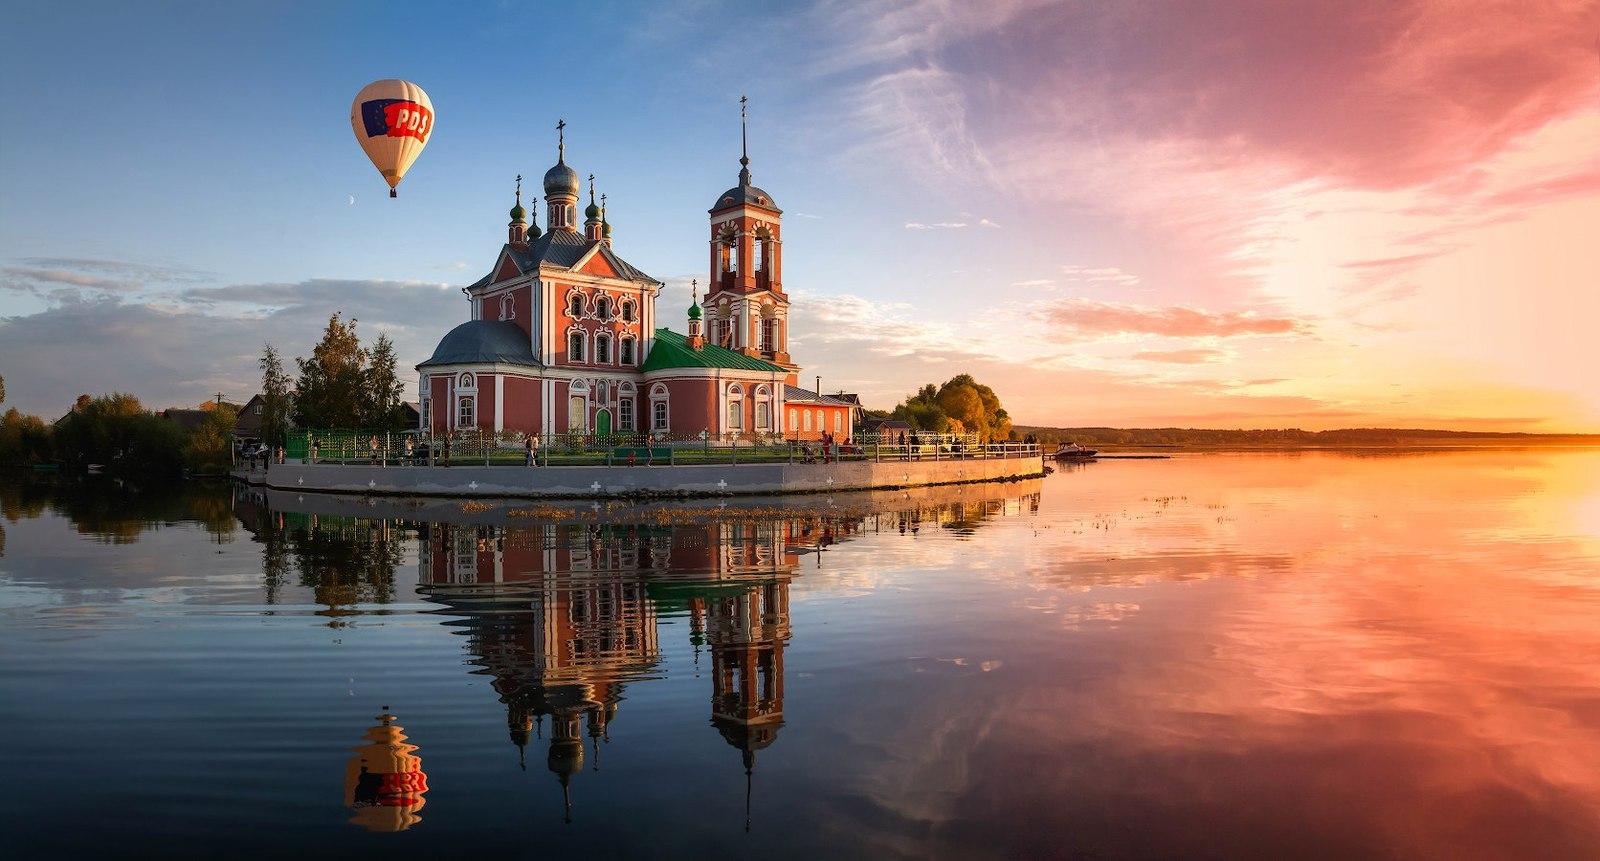 Картинки по запросу плещеево озеро переславль залесский